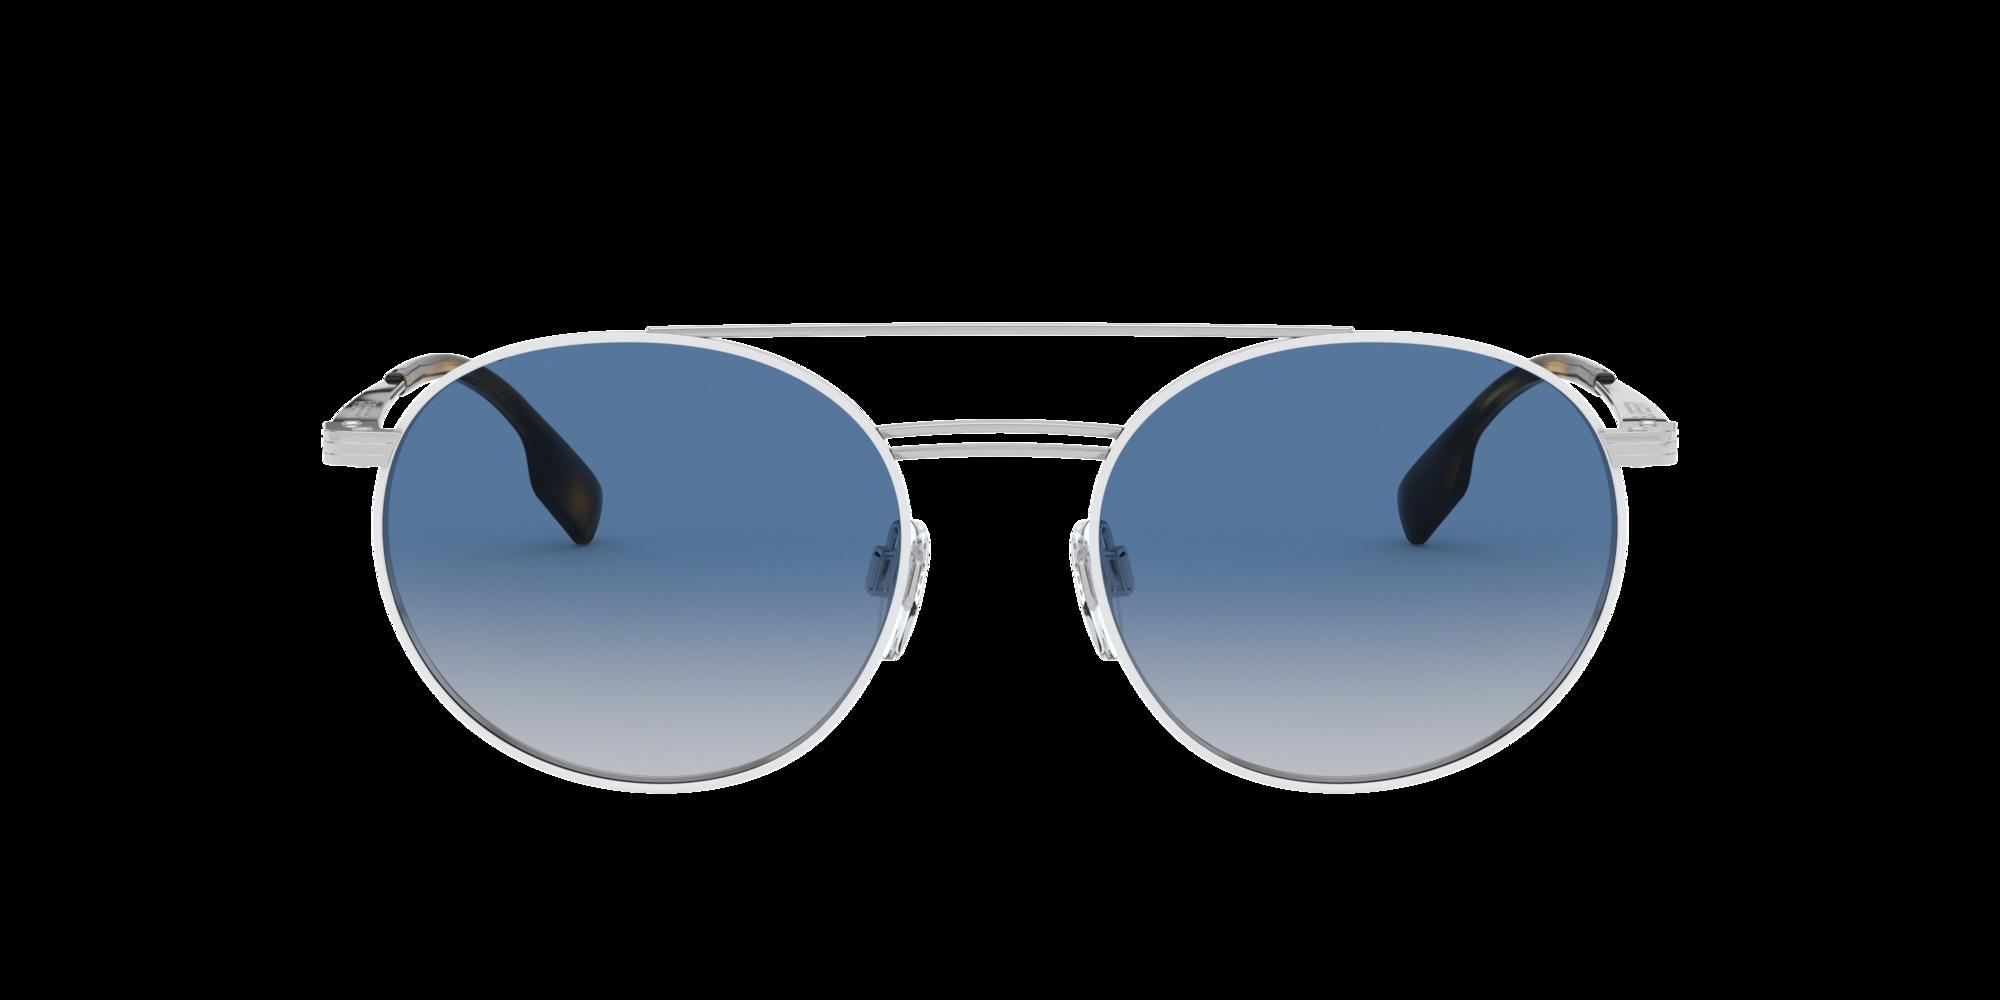 Imagen para BE3109 53 de LensCrafters |  Espejuelos, espejuelos graduados en línea, gafas